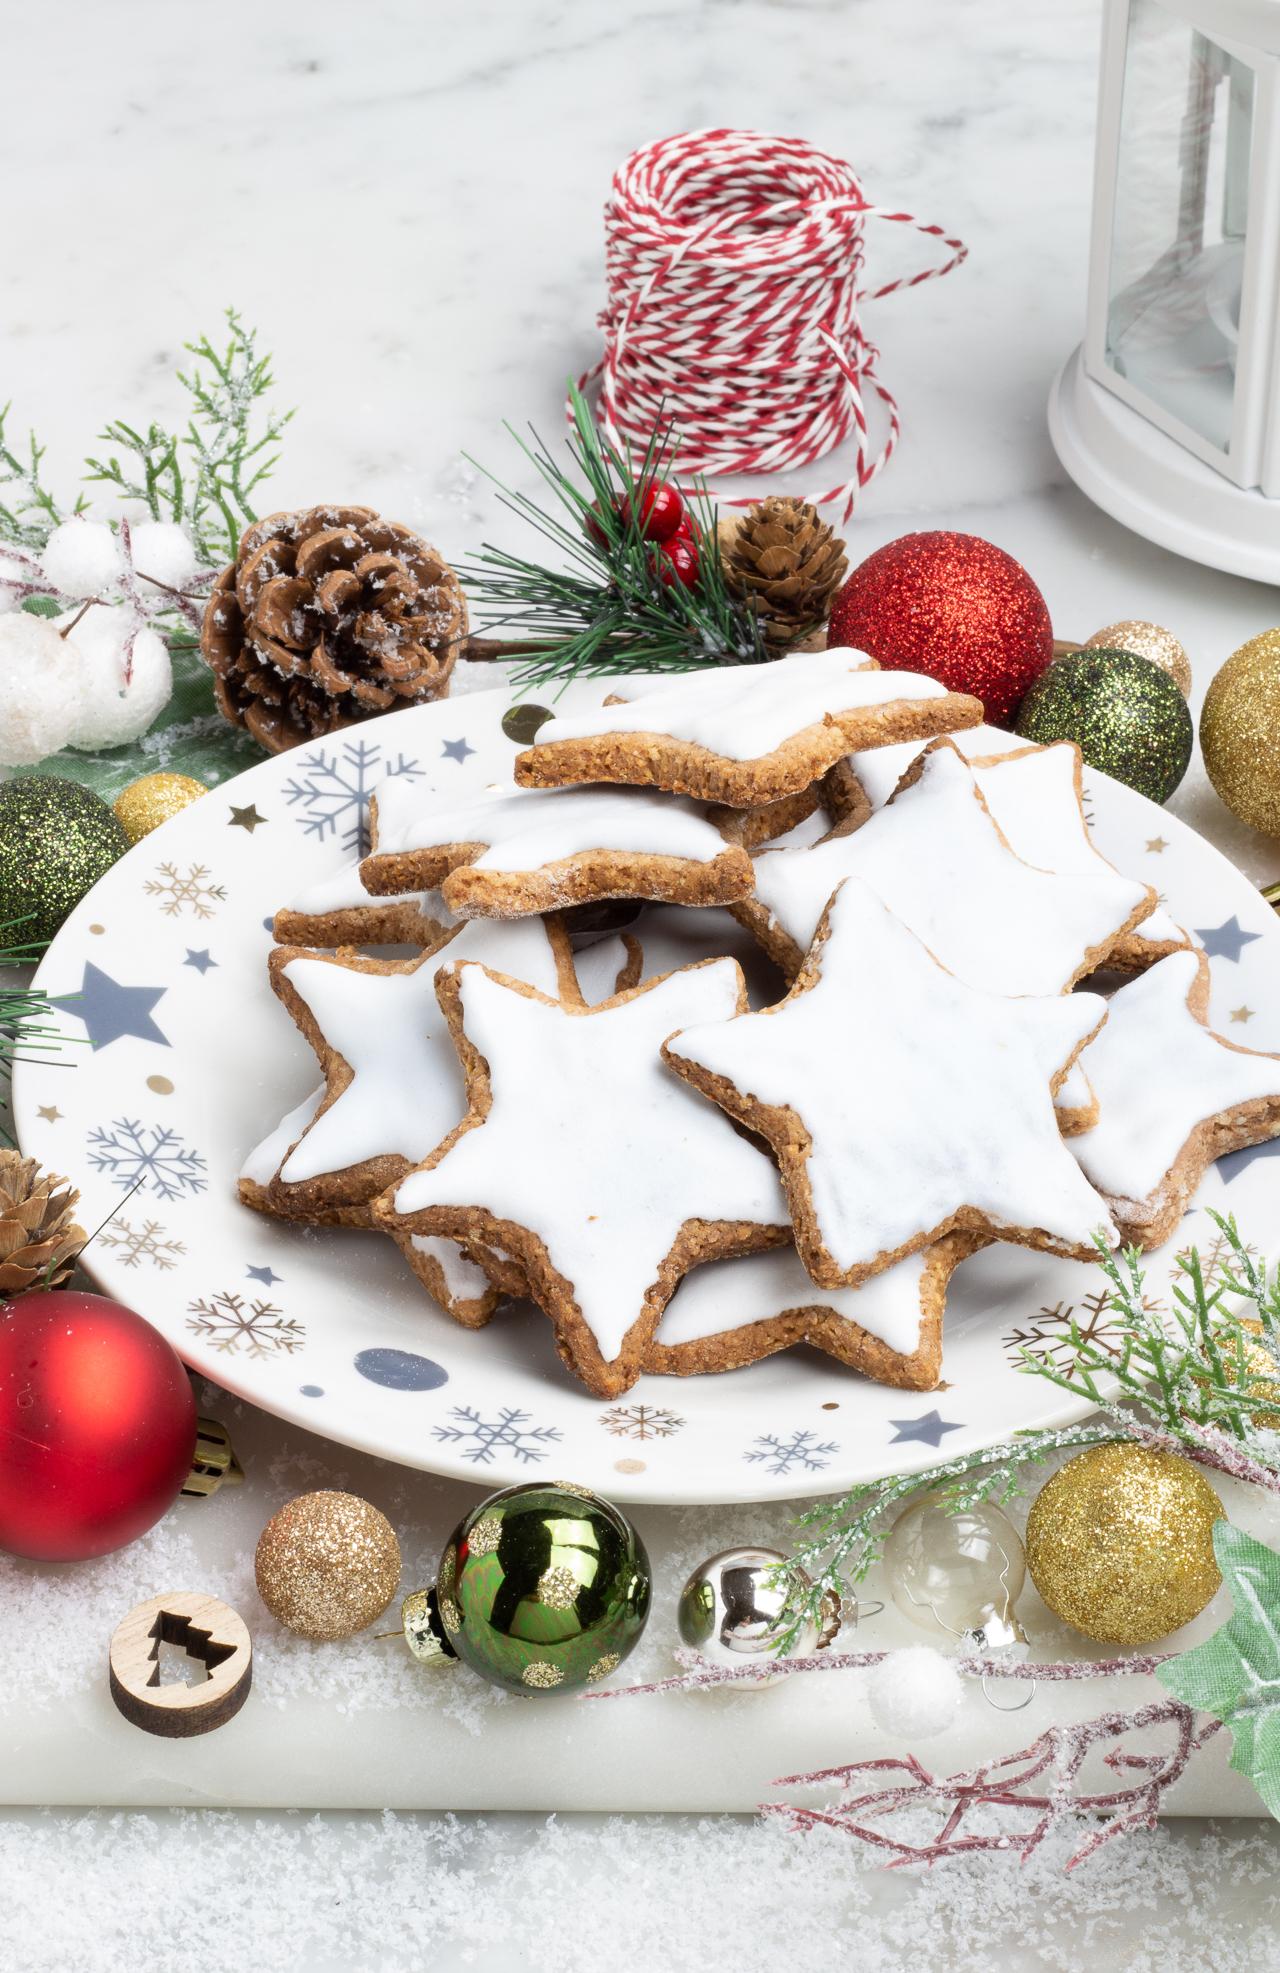 Biscotti Di Natale Zimtsterne.I Biscotti Natalizi Altoatesini Lebkuchen Zimtsterne E Vanillekipferl